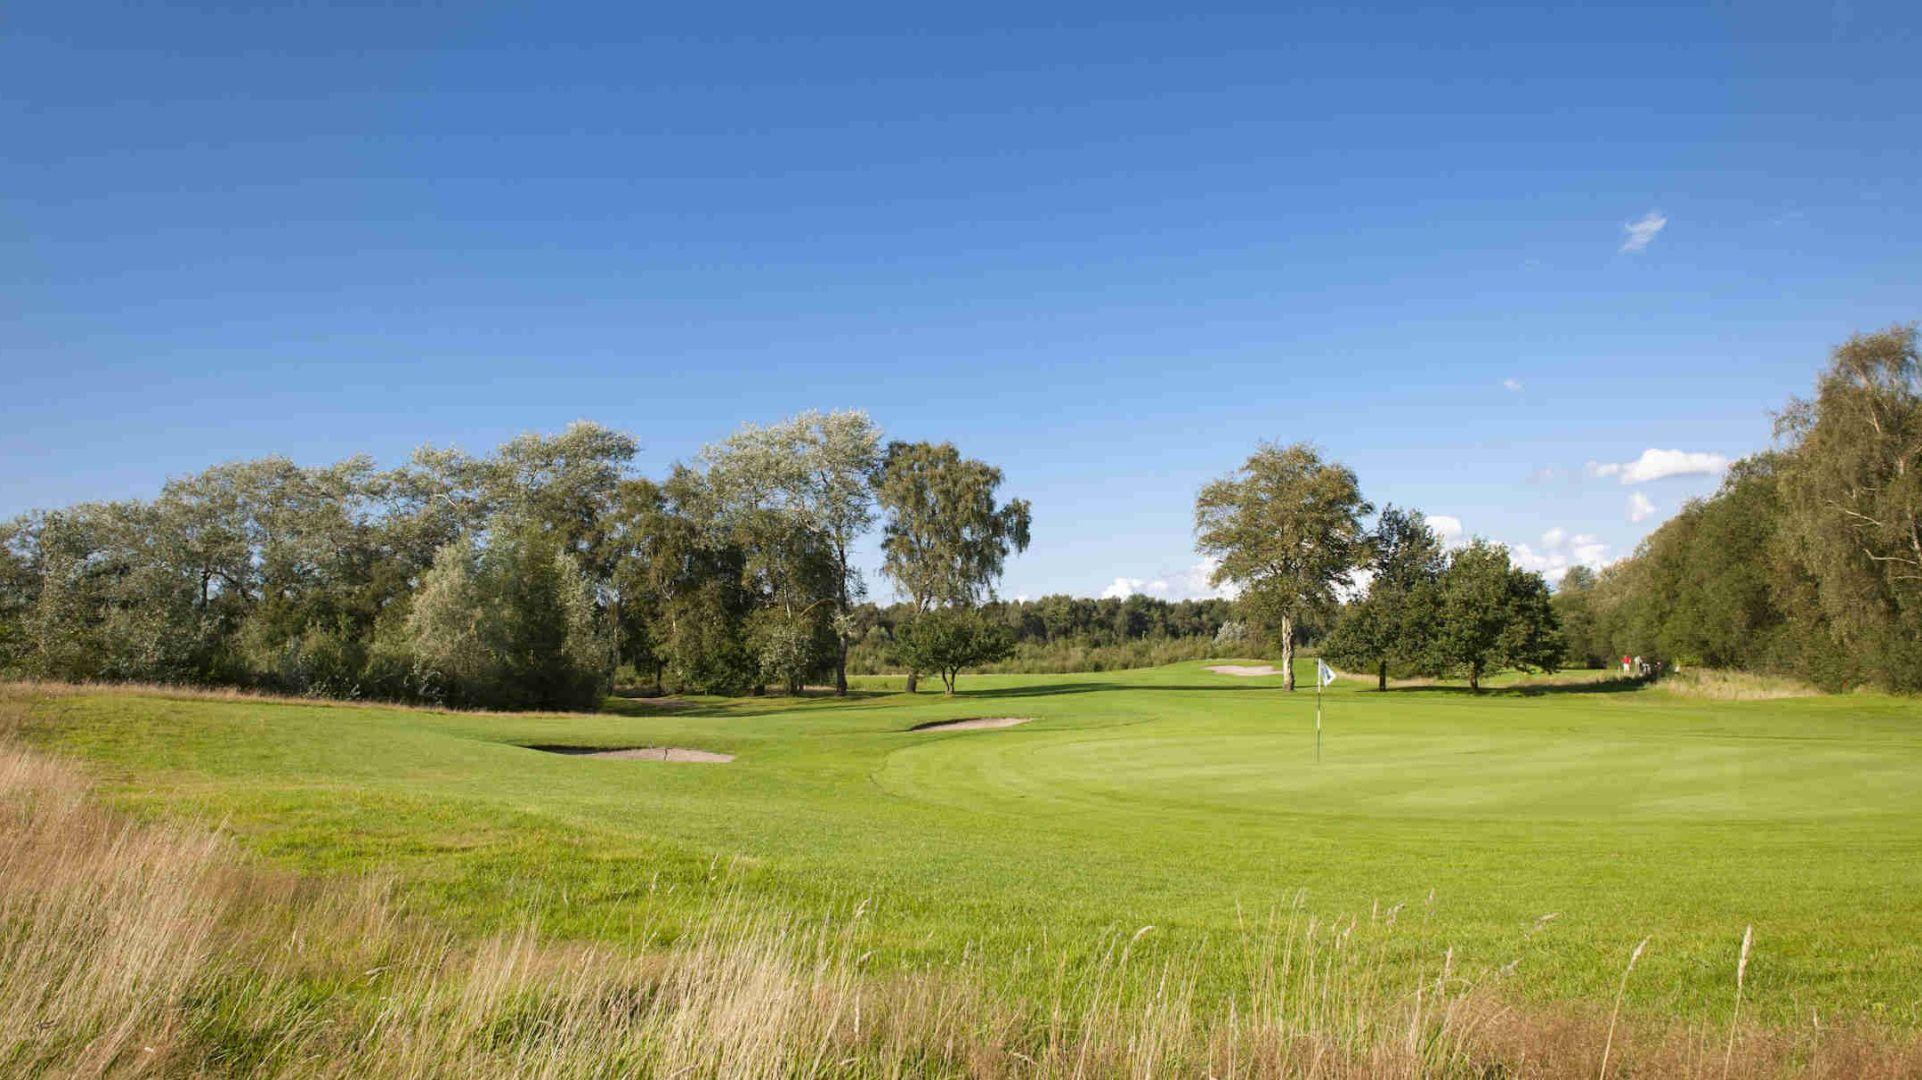 Golfplatz in Bad Zwischenahn